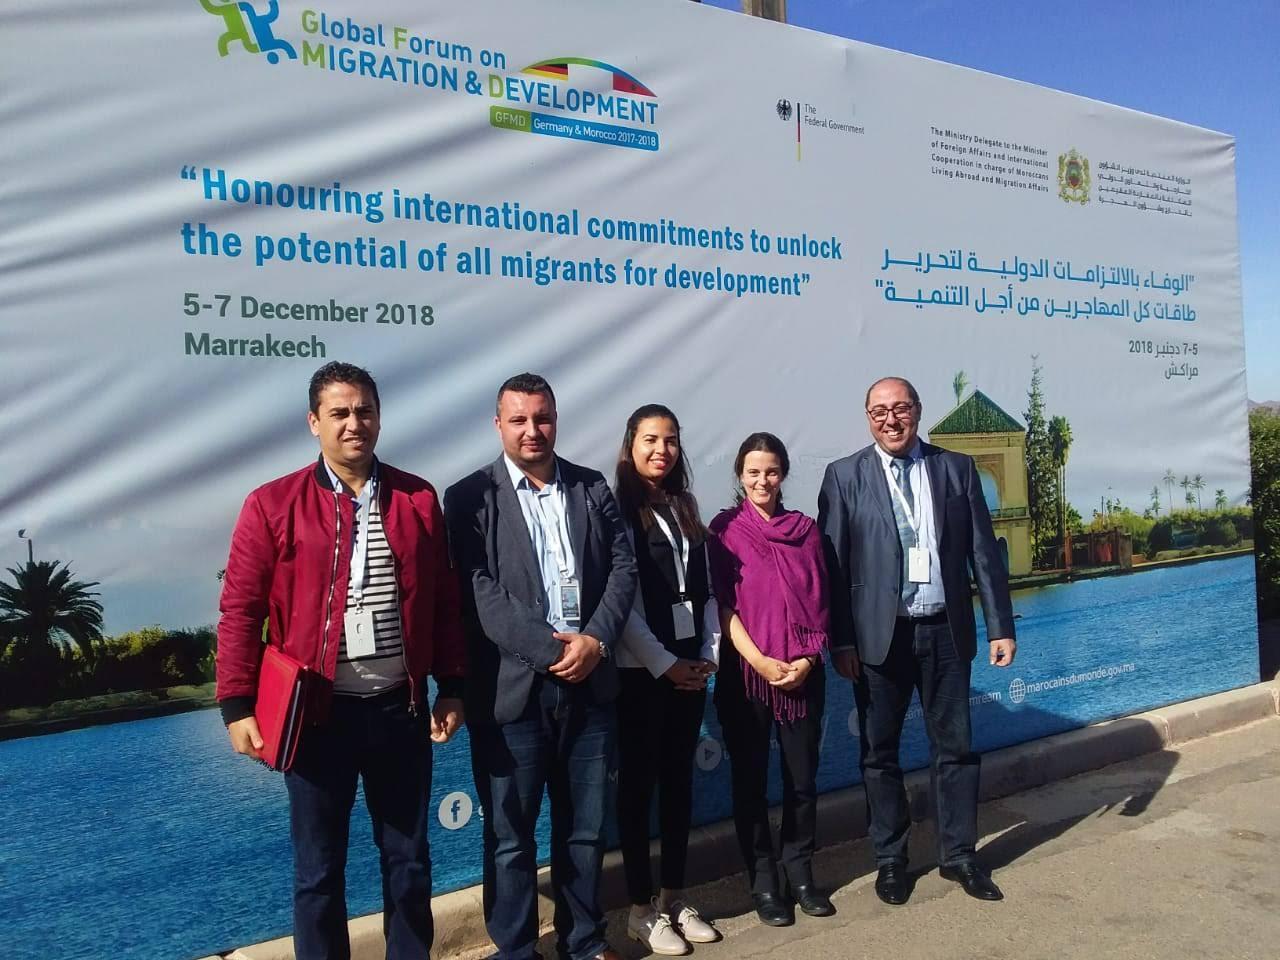 Au Forum Mondial pour la Migration et le Développement (GFMD).